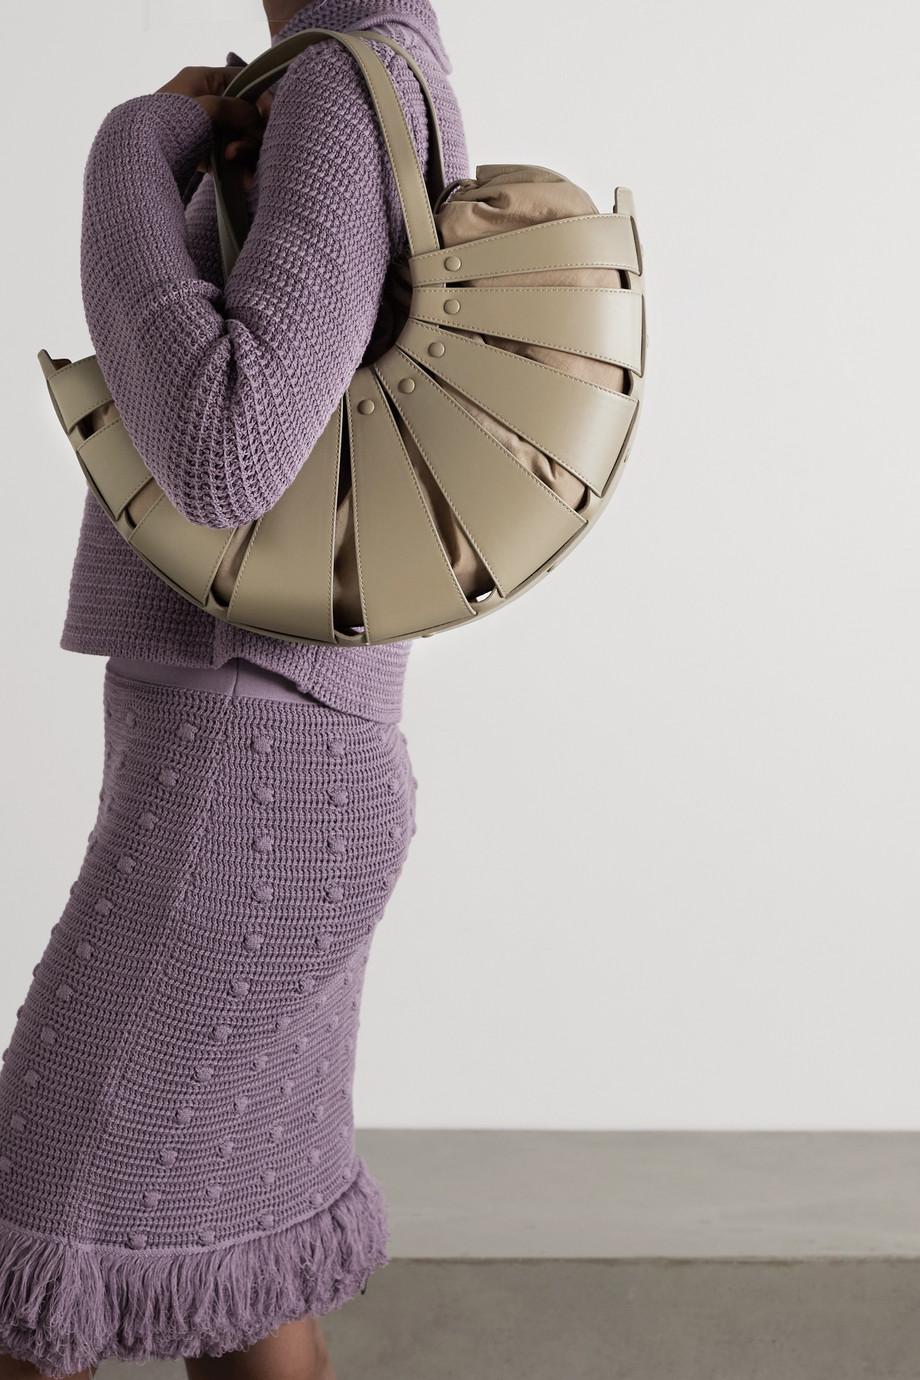 Bottega Veneta The Shell mittelgroße Schultertasche aus Leder